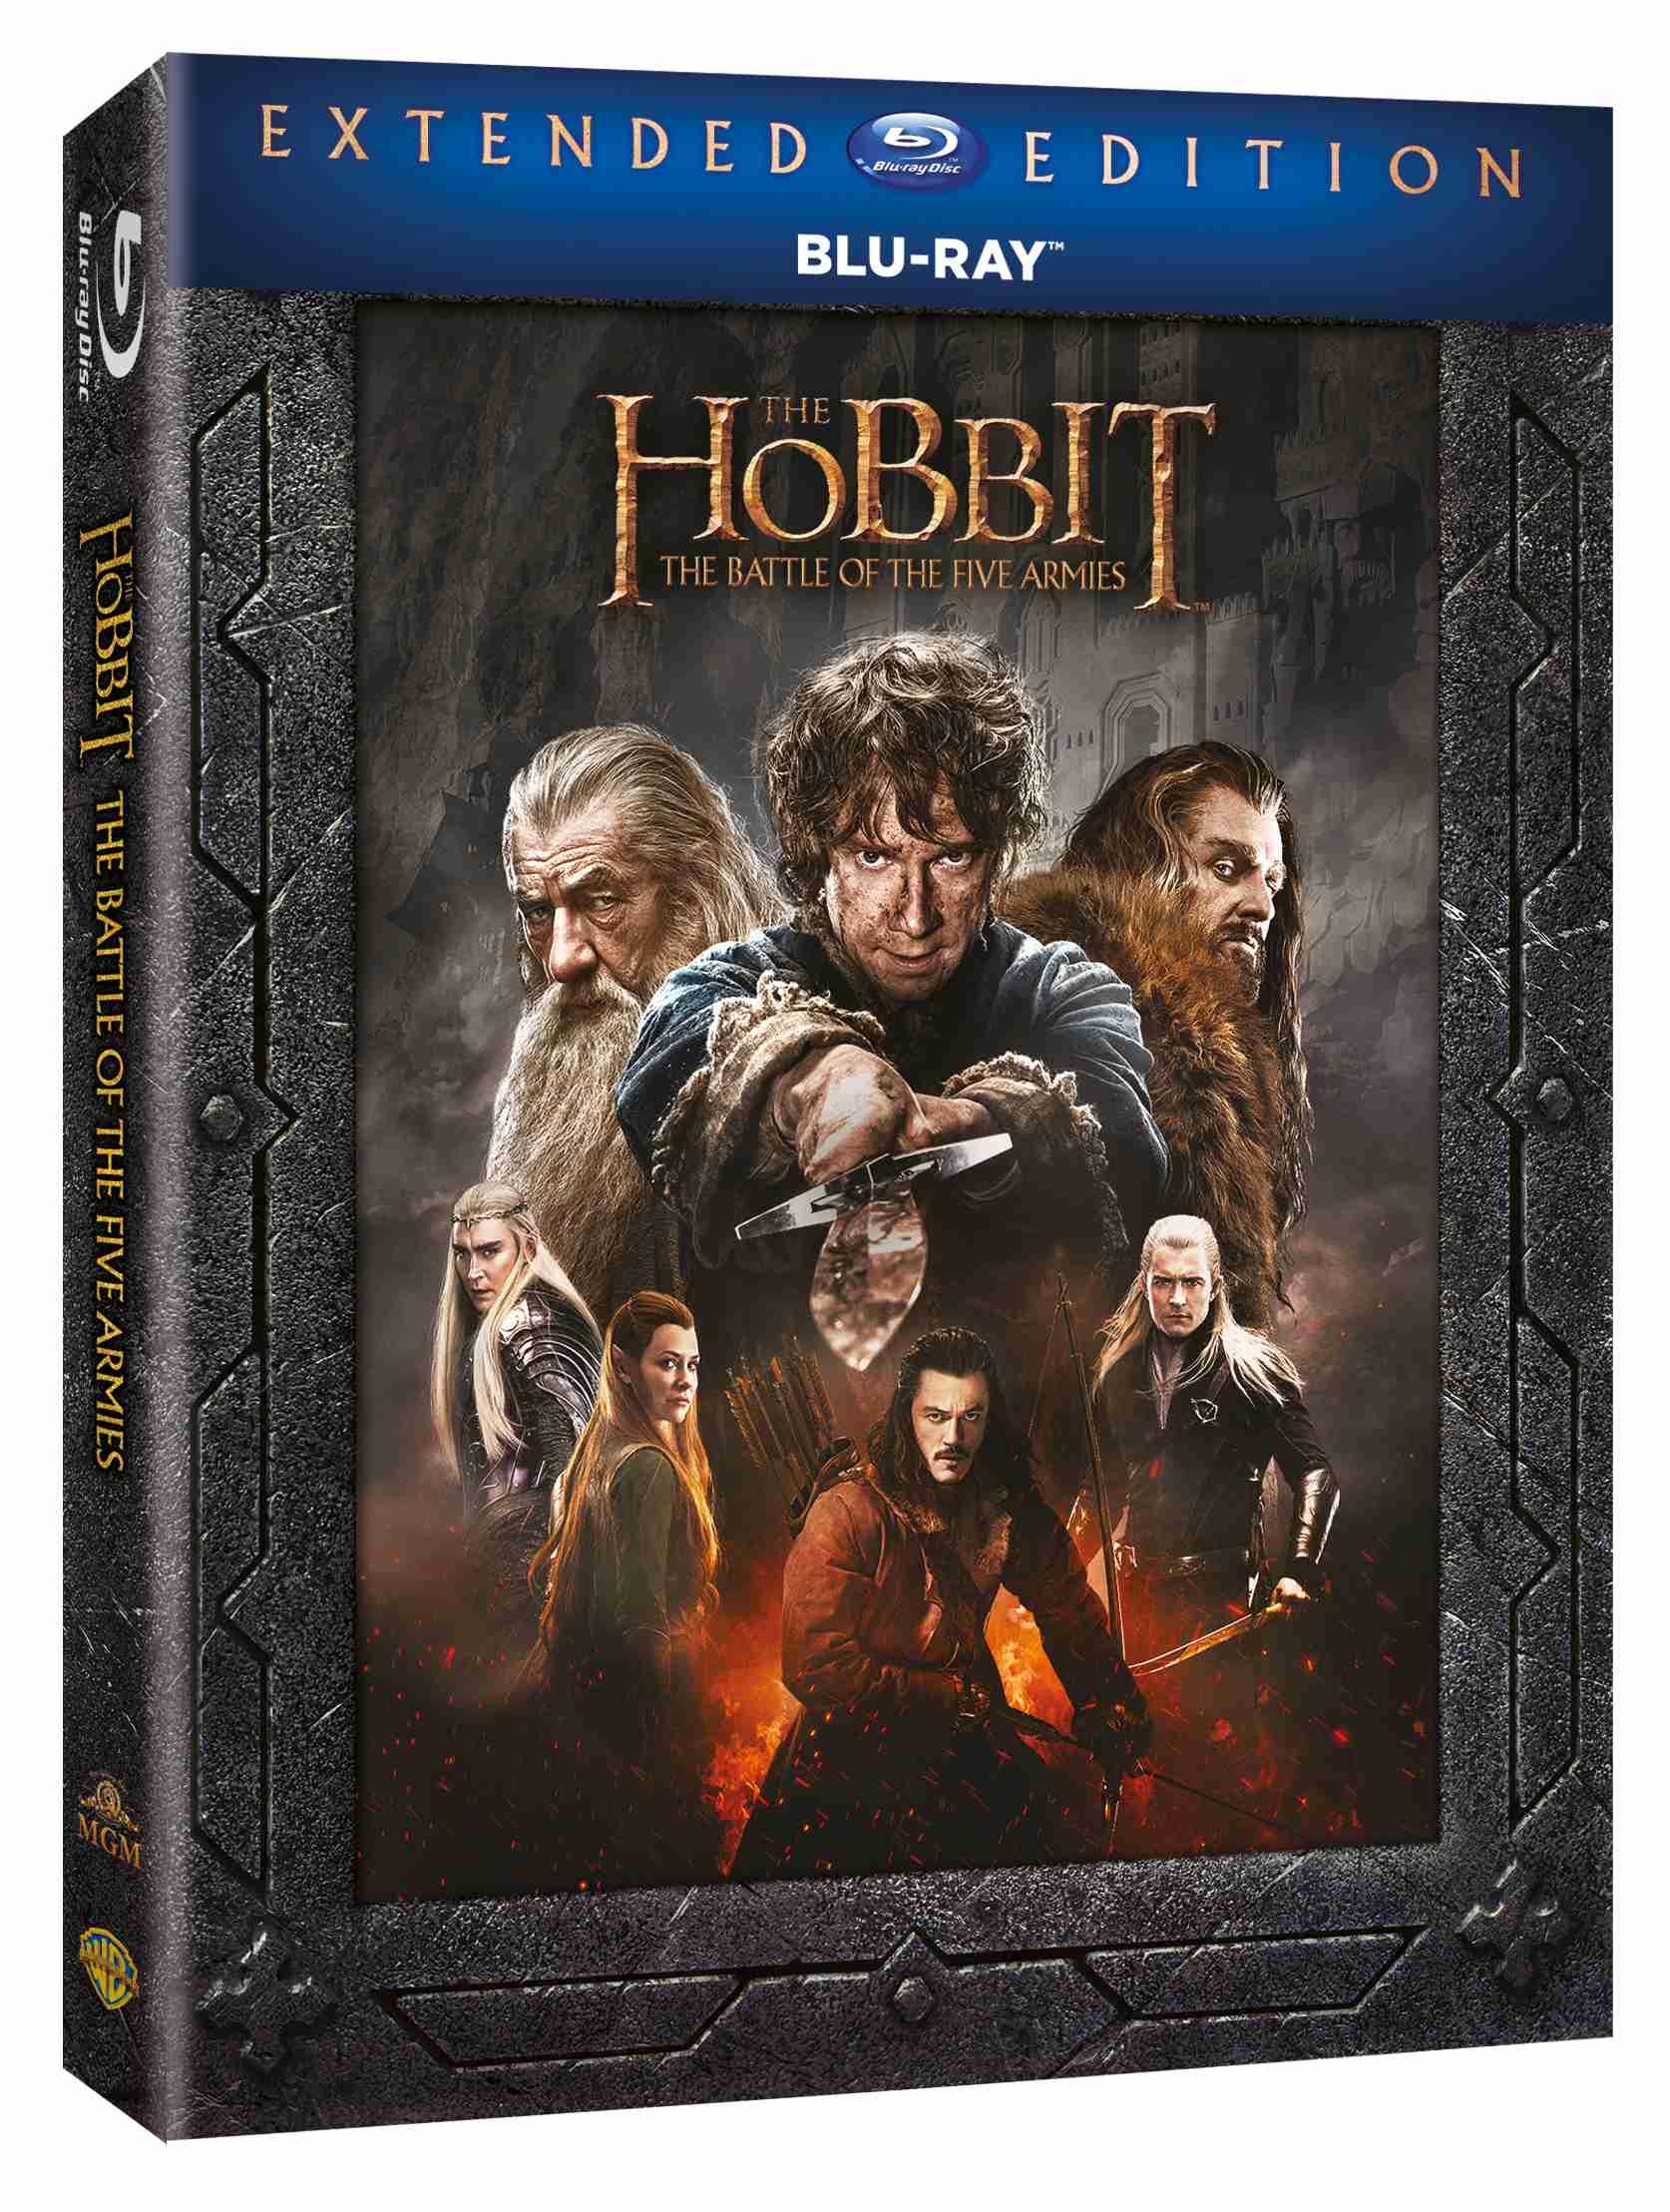 HOBIT: BITVA PĚTI ARMÁD (Prodloužená verze, 3 BD) - Blu-ray